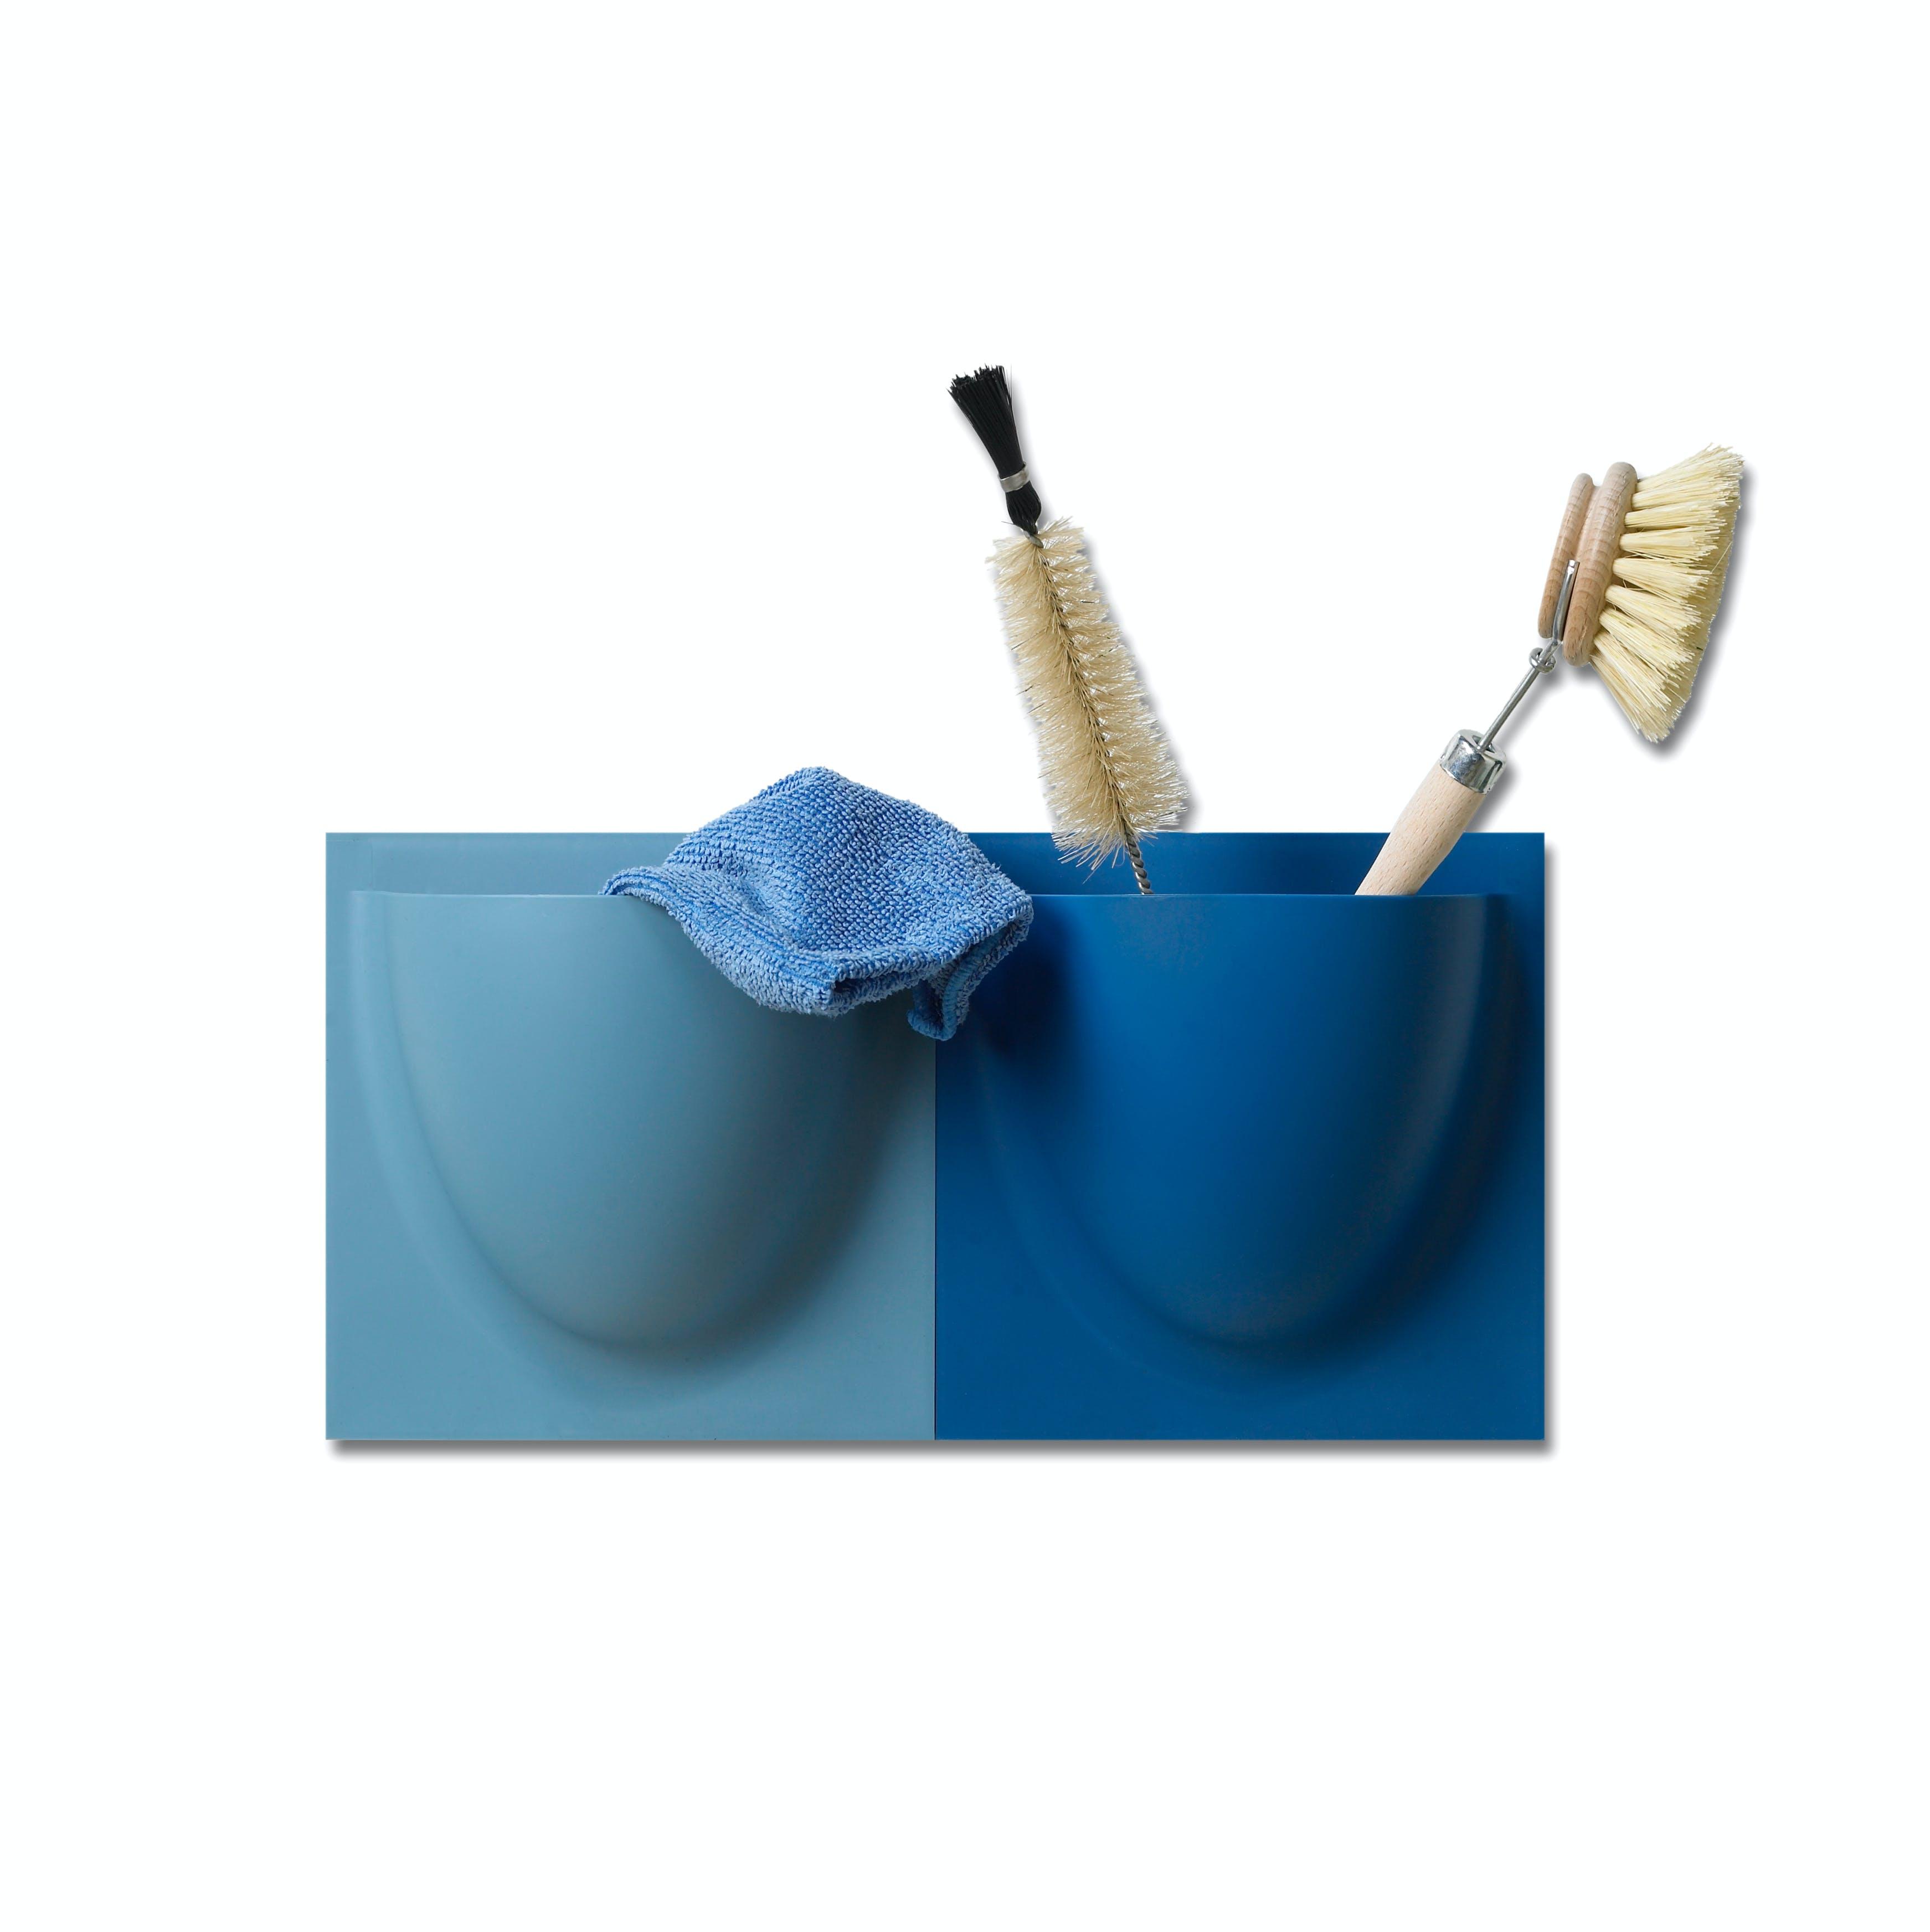 Wall Planter / Jar Mini in Capri Blue (Set of 2)